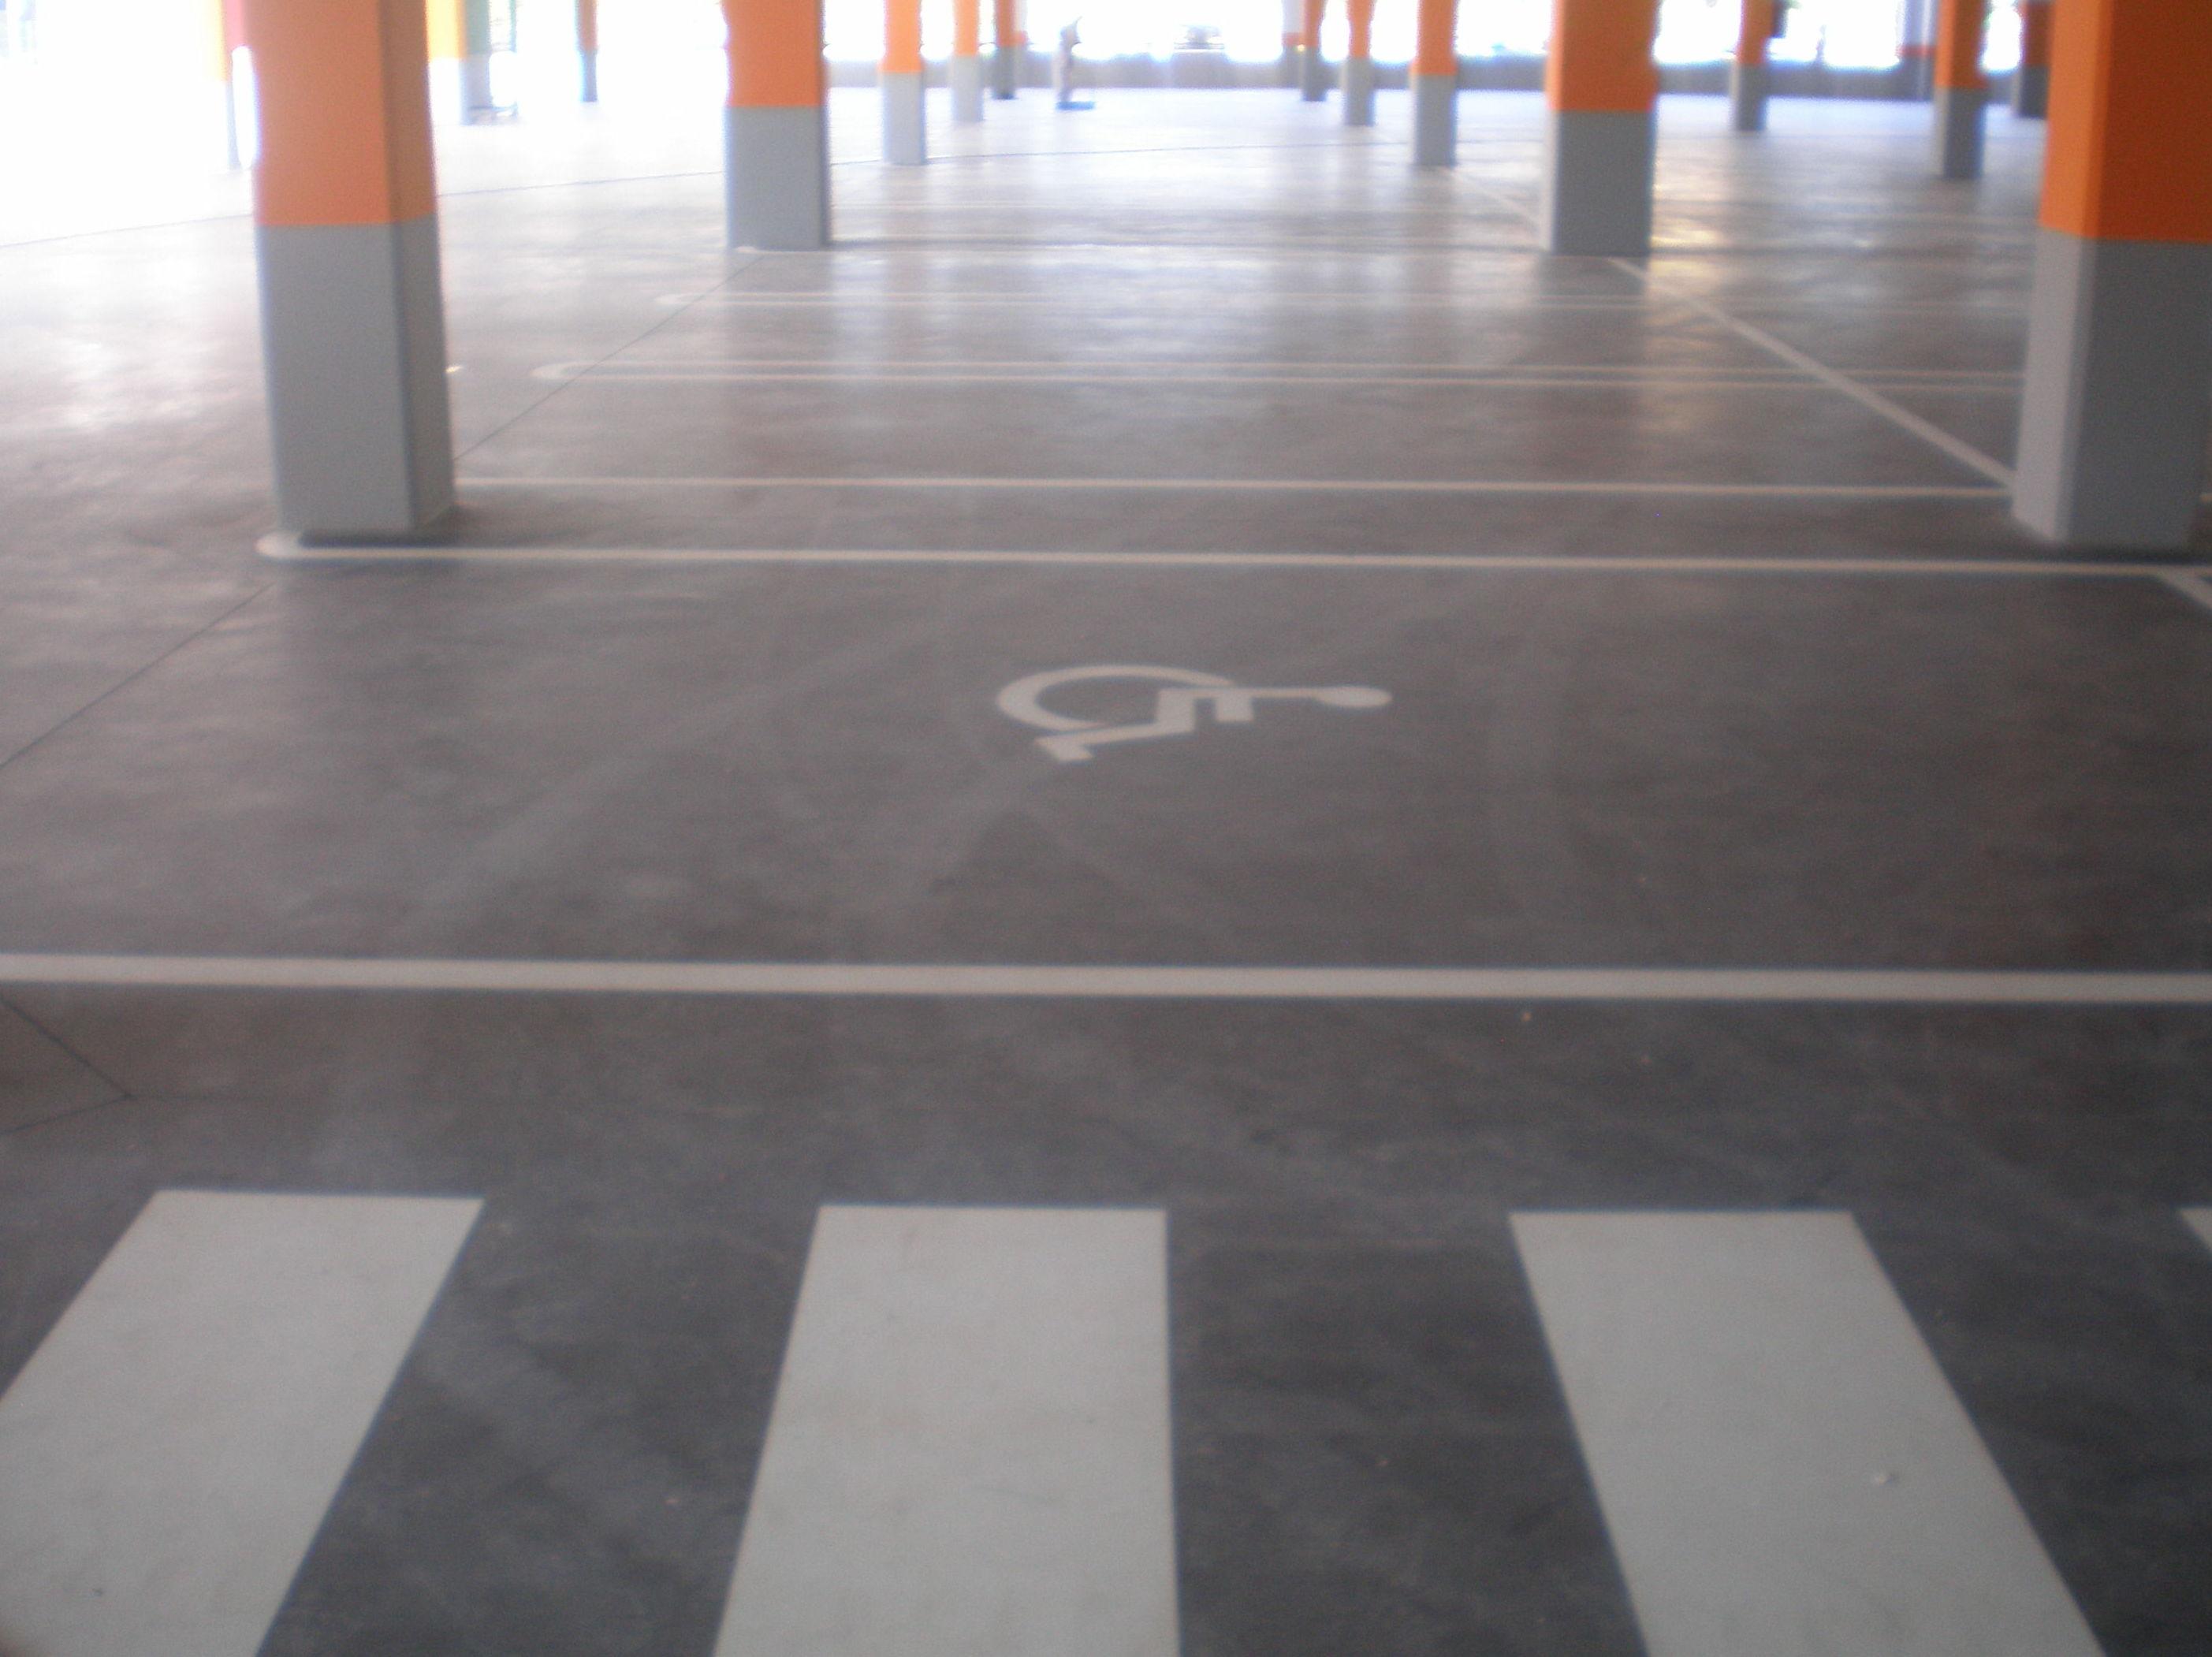 Pinturas suelos y se alizaci n parking qu hacemos de pintura y decoraci n desancel s l - Pintura suelo parking ...